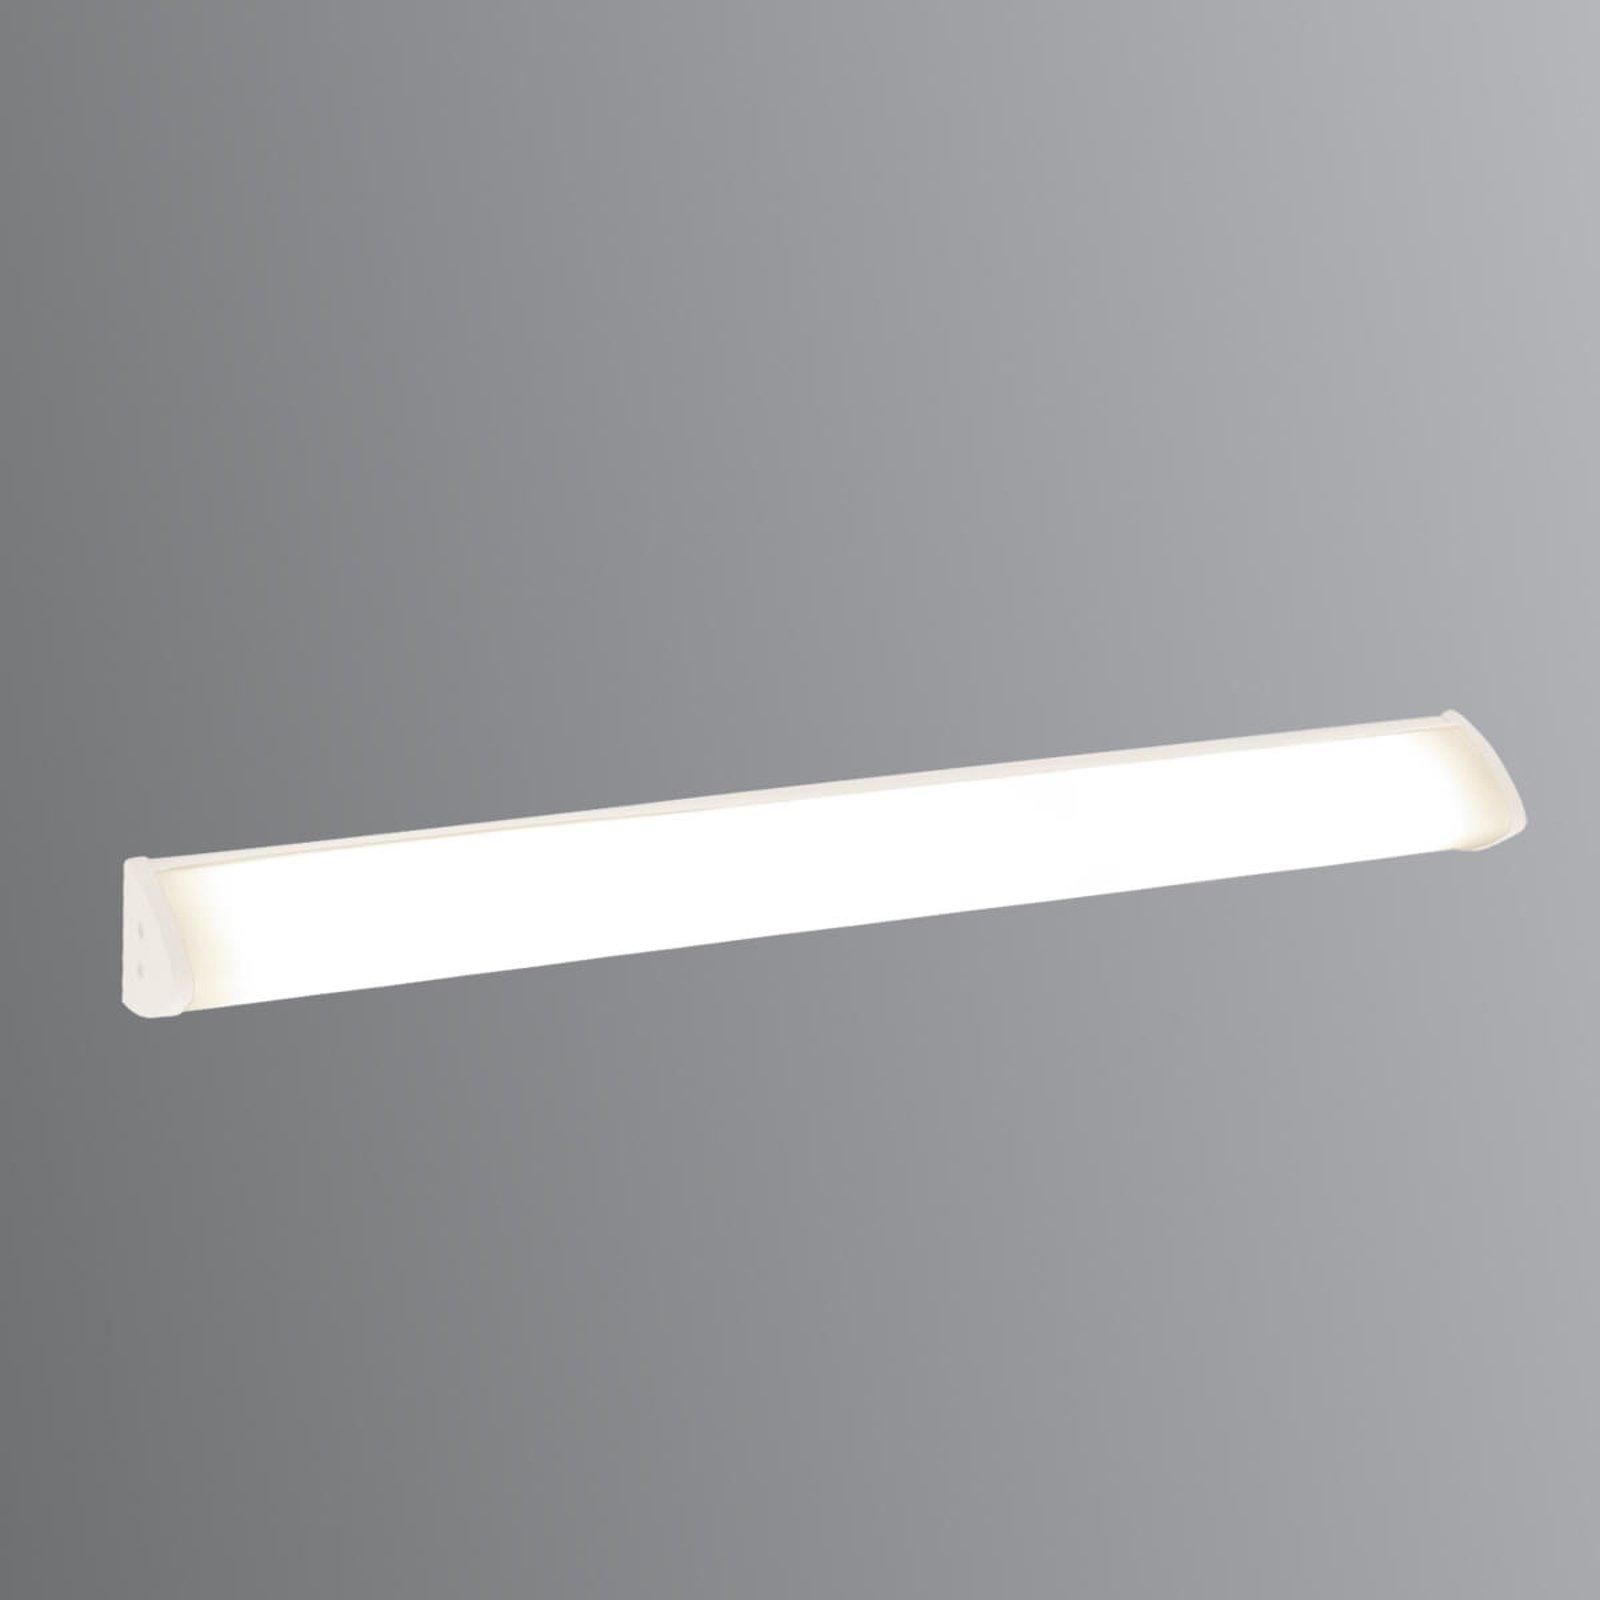 Stilsikker Supra vegglampe bredde 90 cm